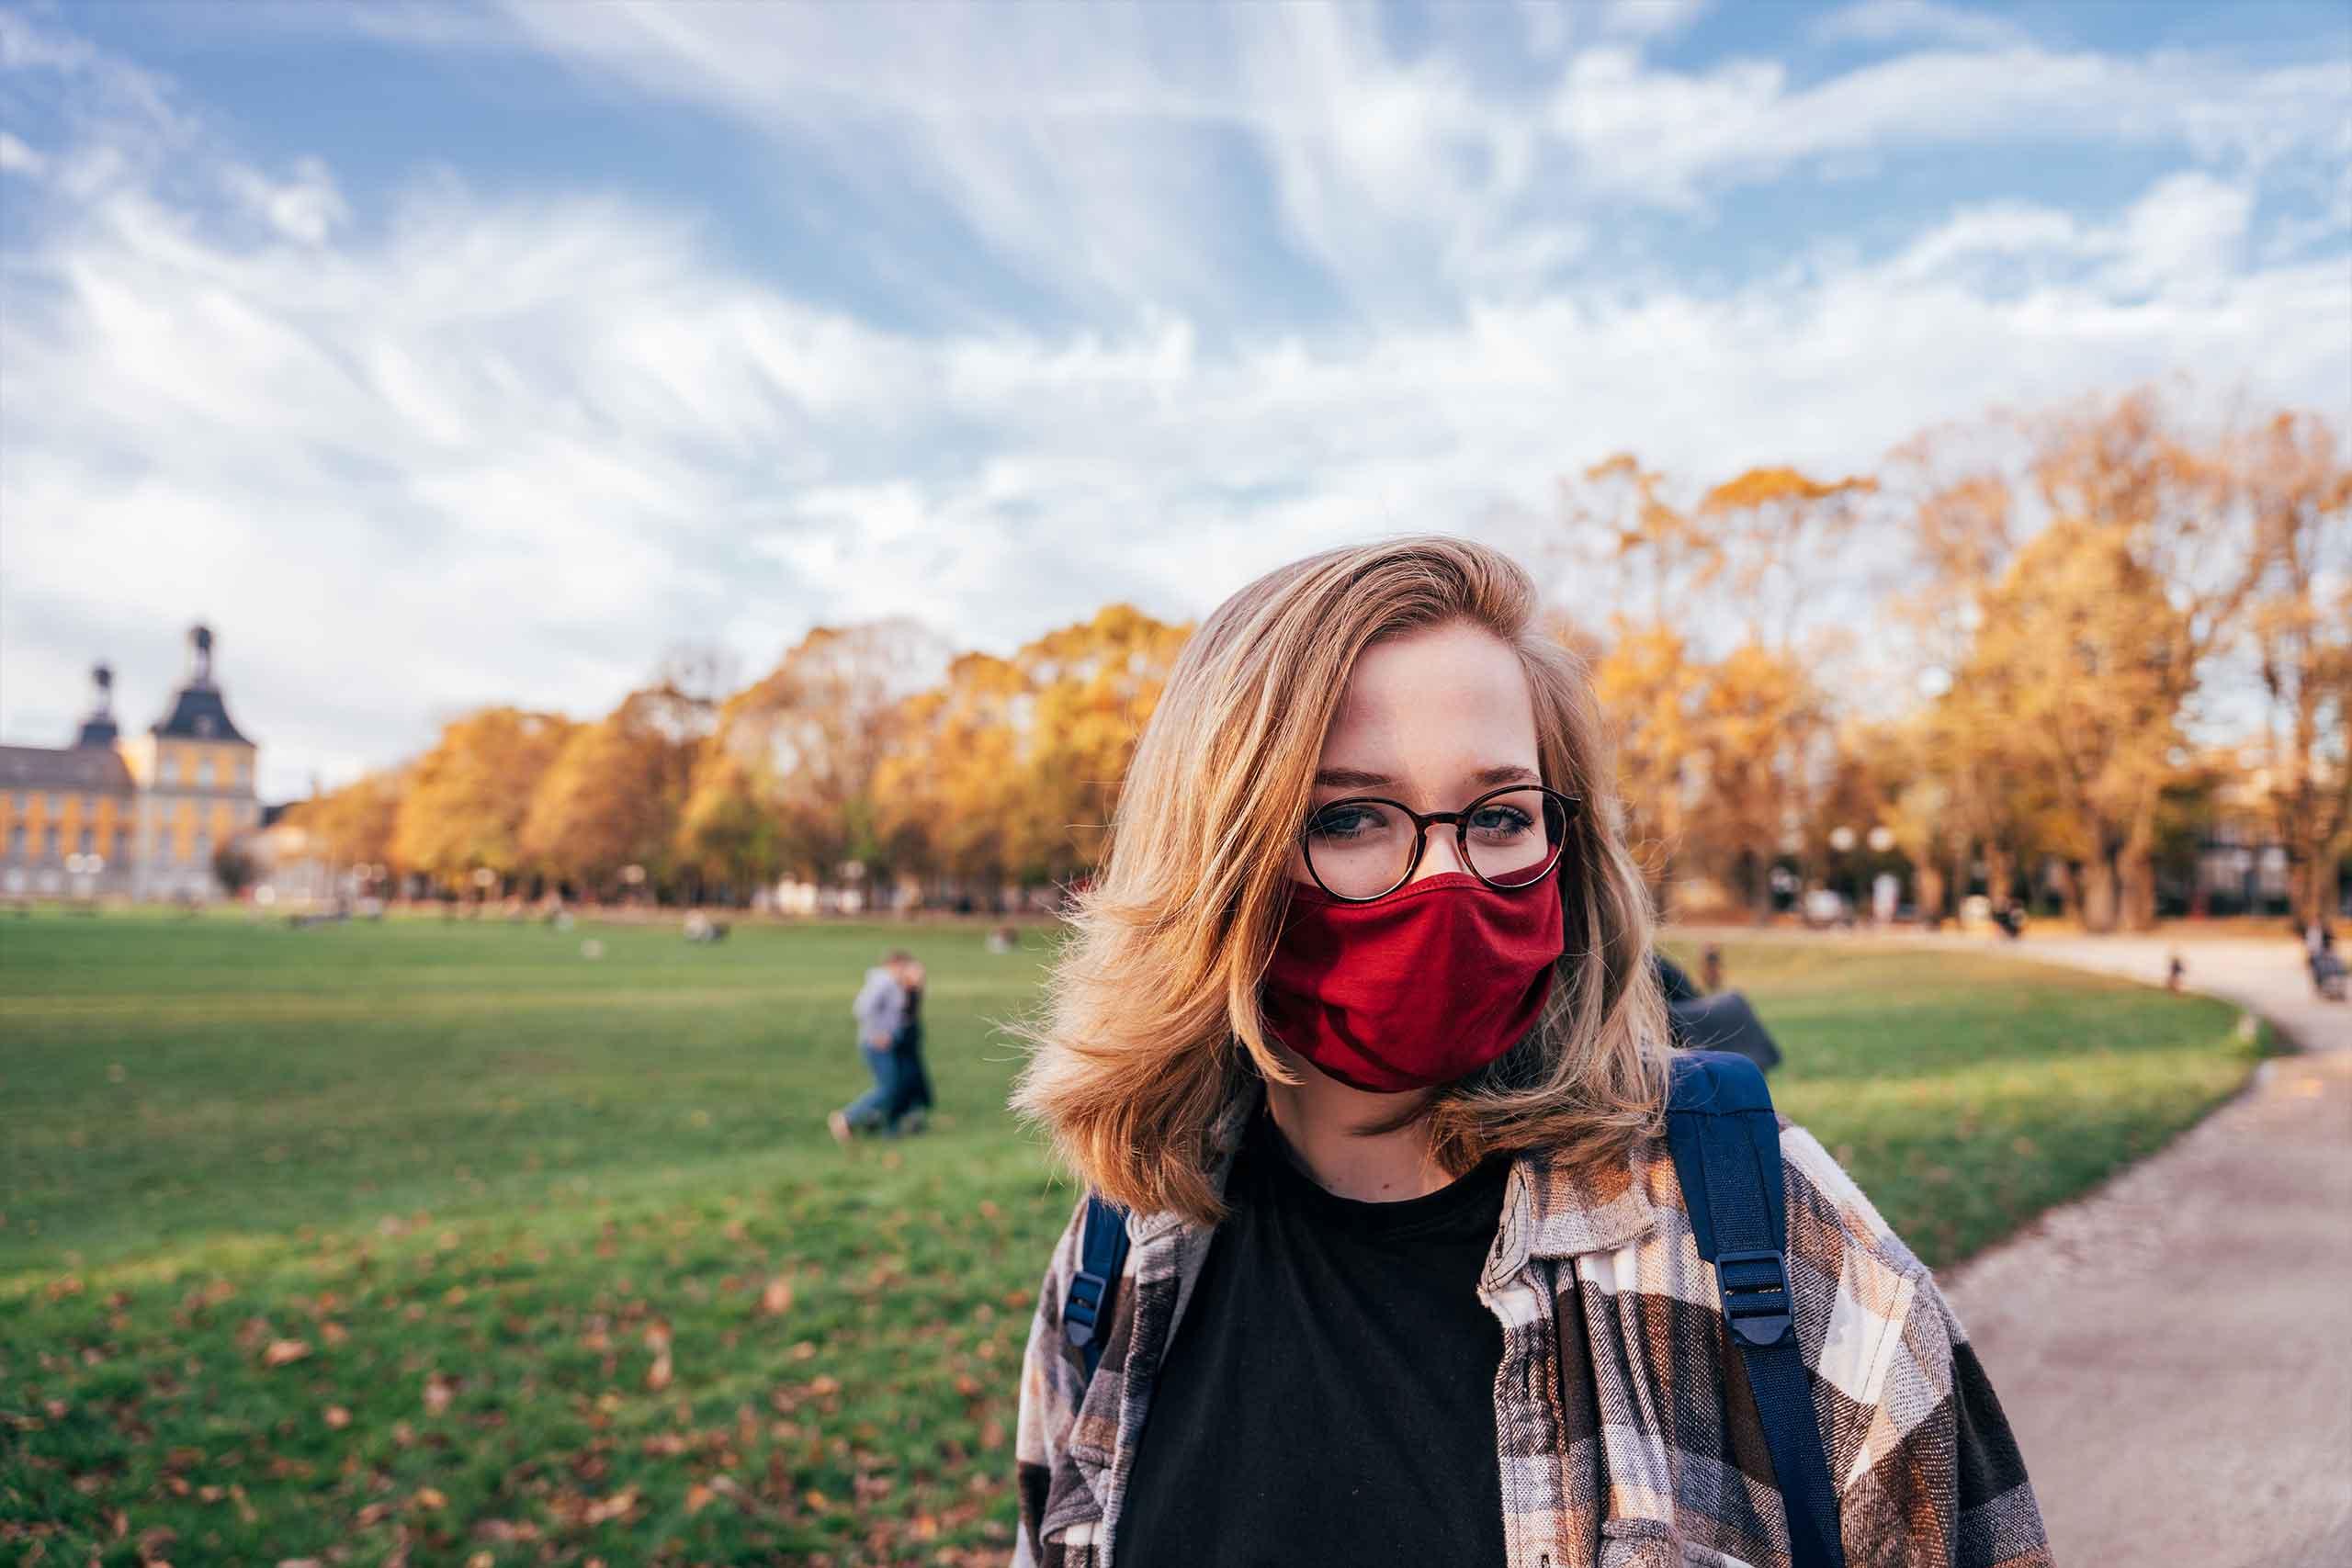 Frau mit Corona Maske in Park, England